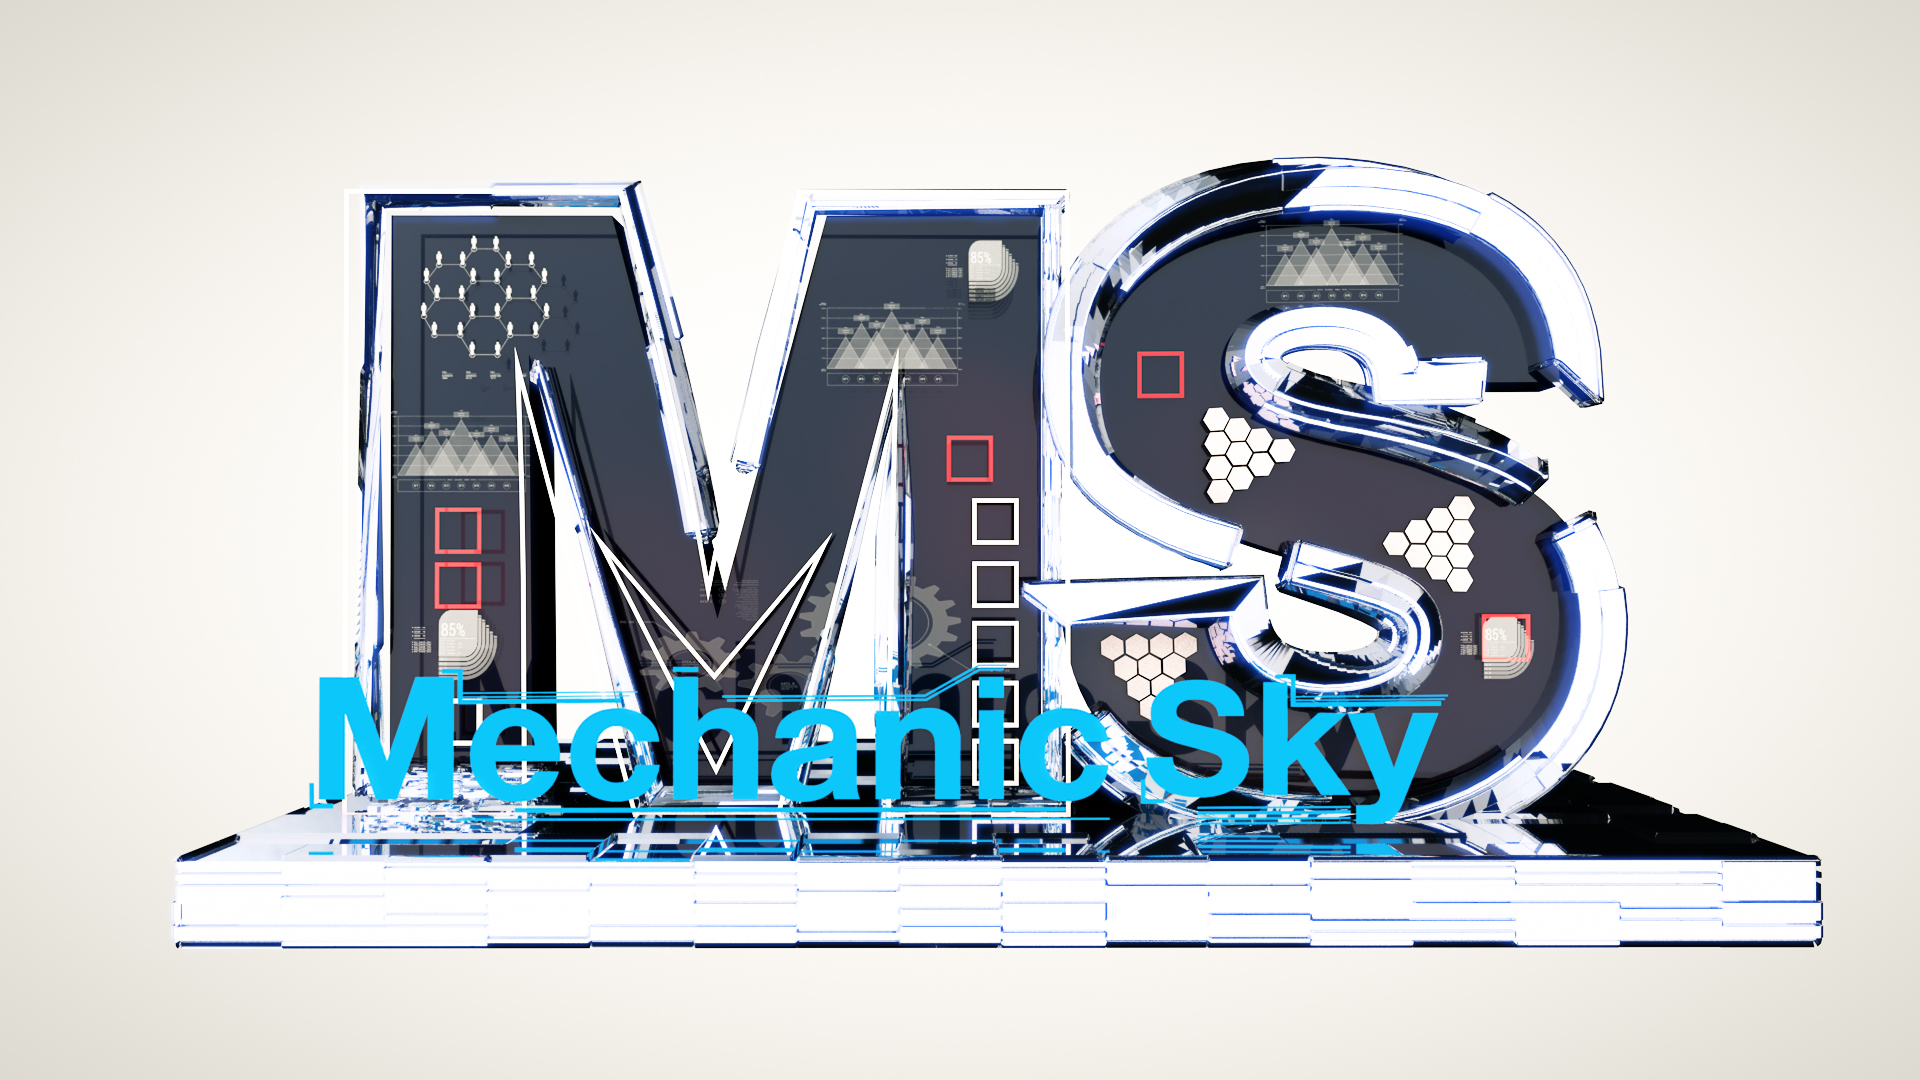 Анимационная 3D заставка для музыкальной команды Mechanic Sky